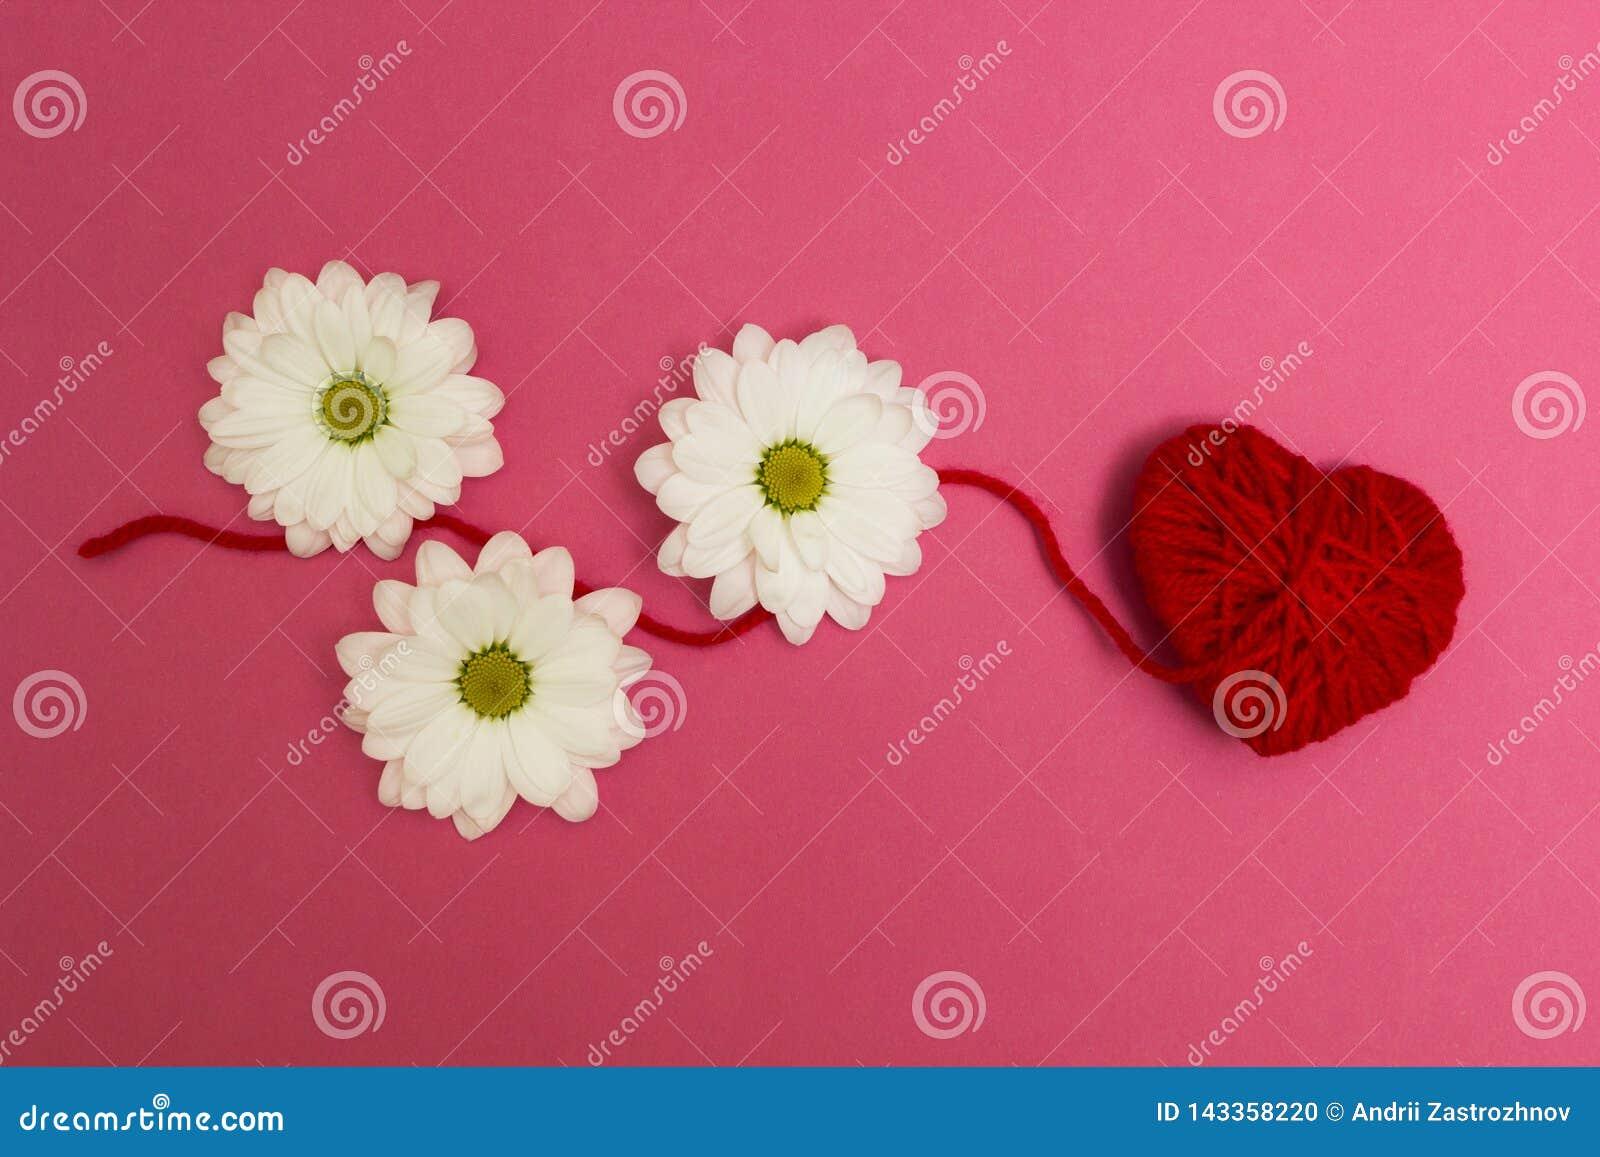 Drie witte bloemen en een rood hart op een roze achtergrond